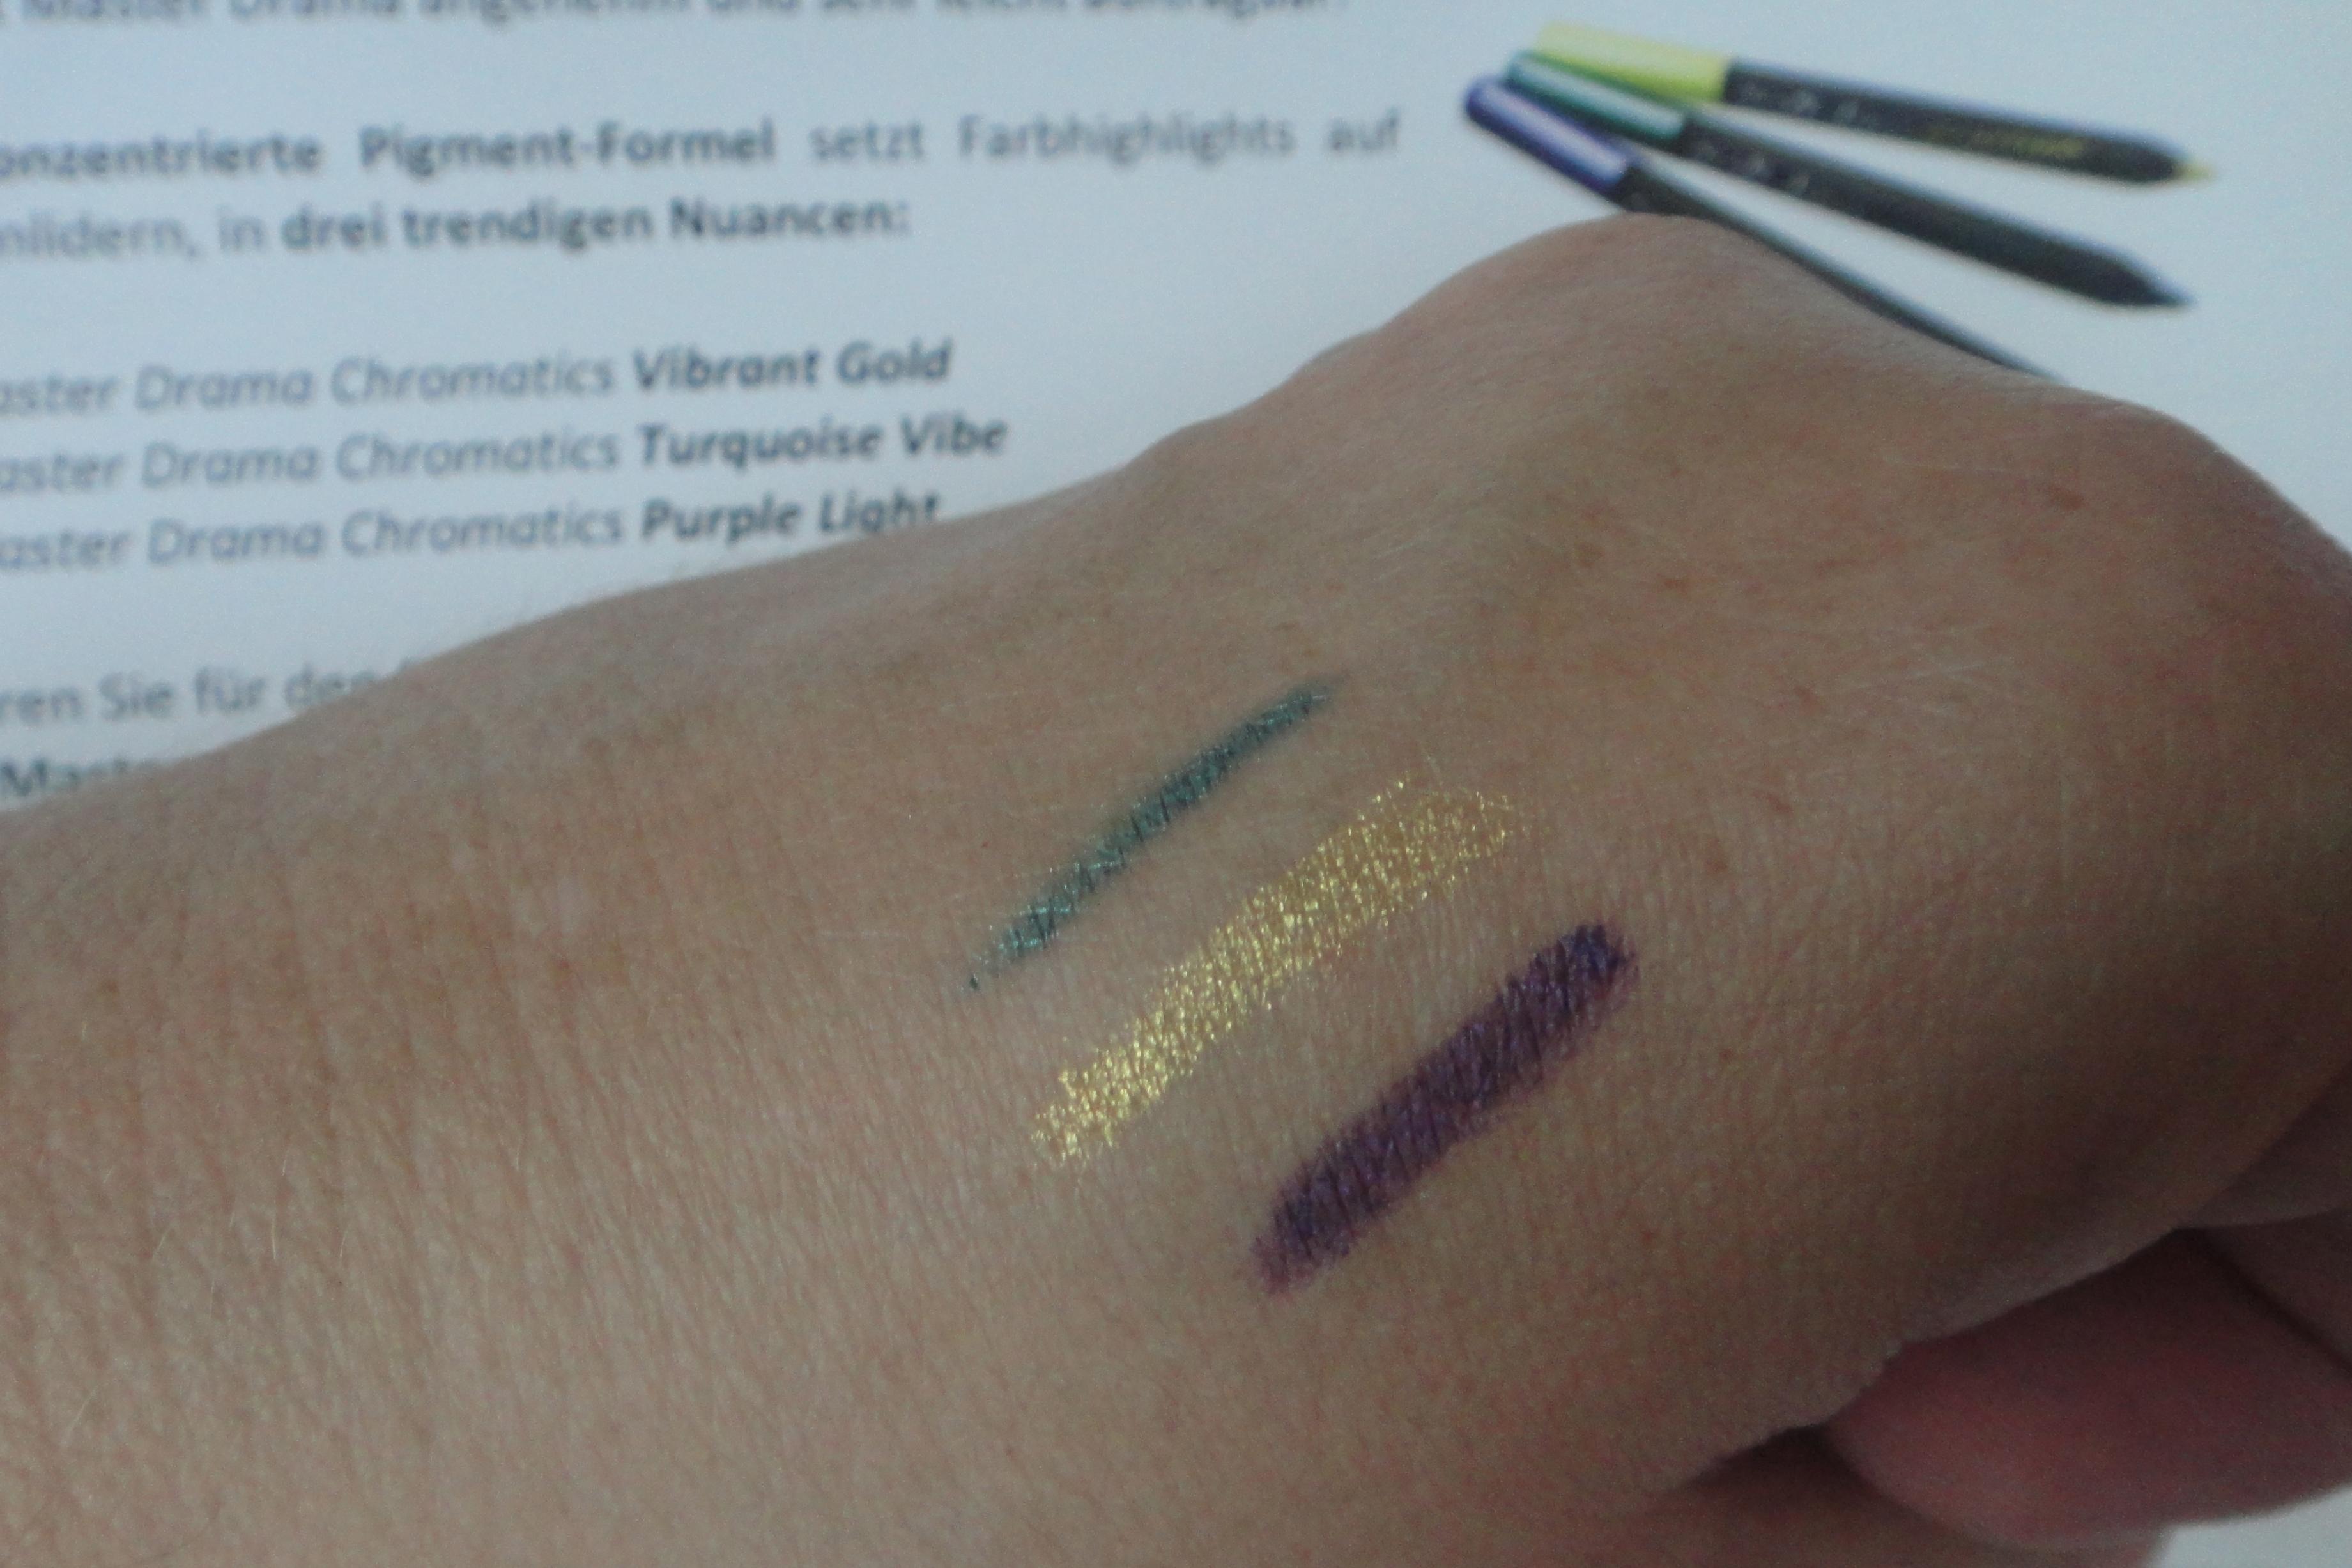 Master Drama Chromatics Eyeliner Turquoise Vibe, Vibrant Gold, Purple Light